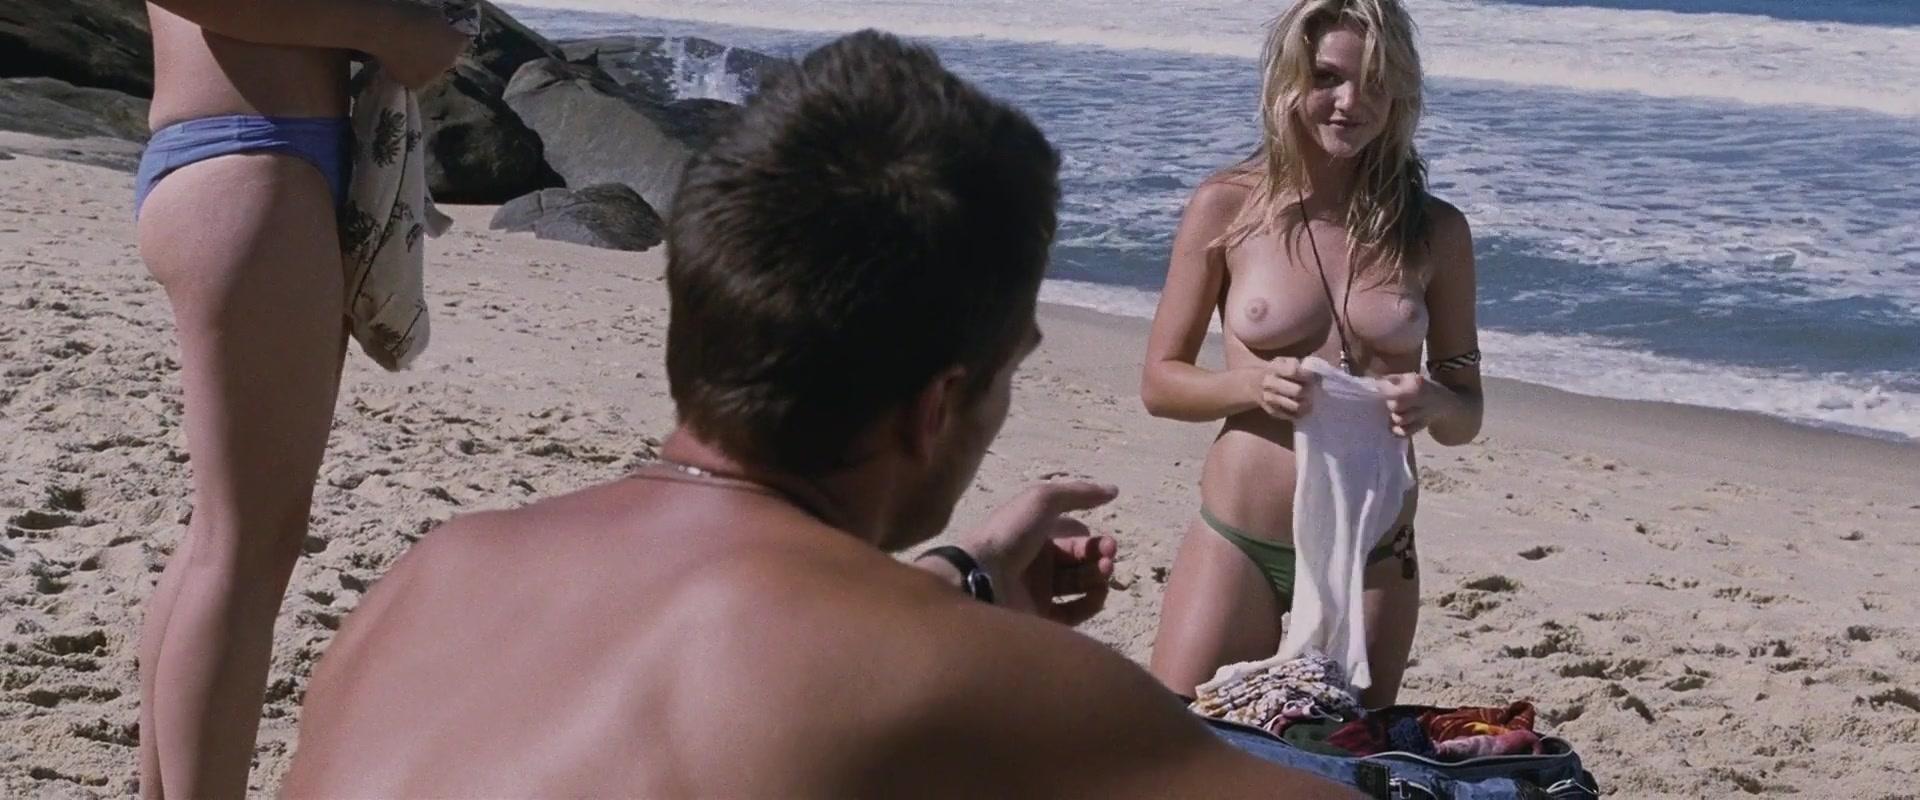 busty babes from bikini bottom